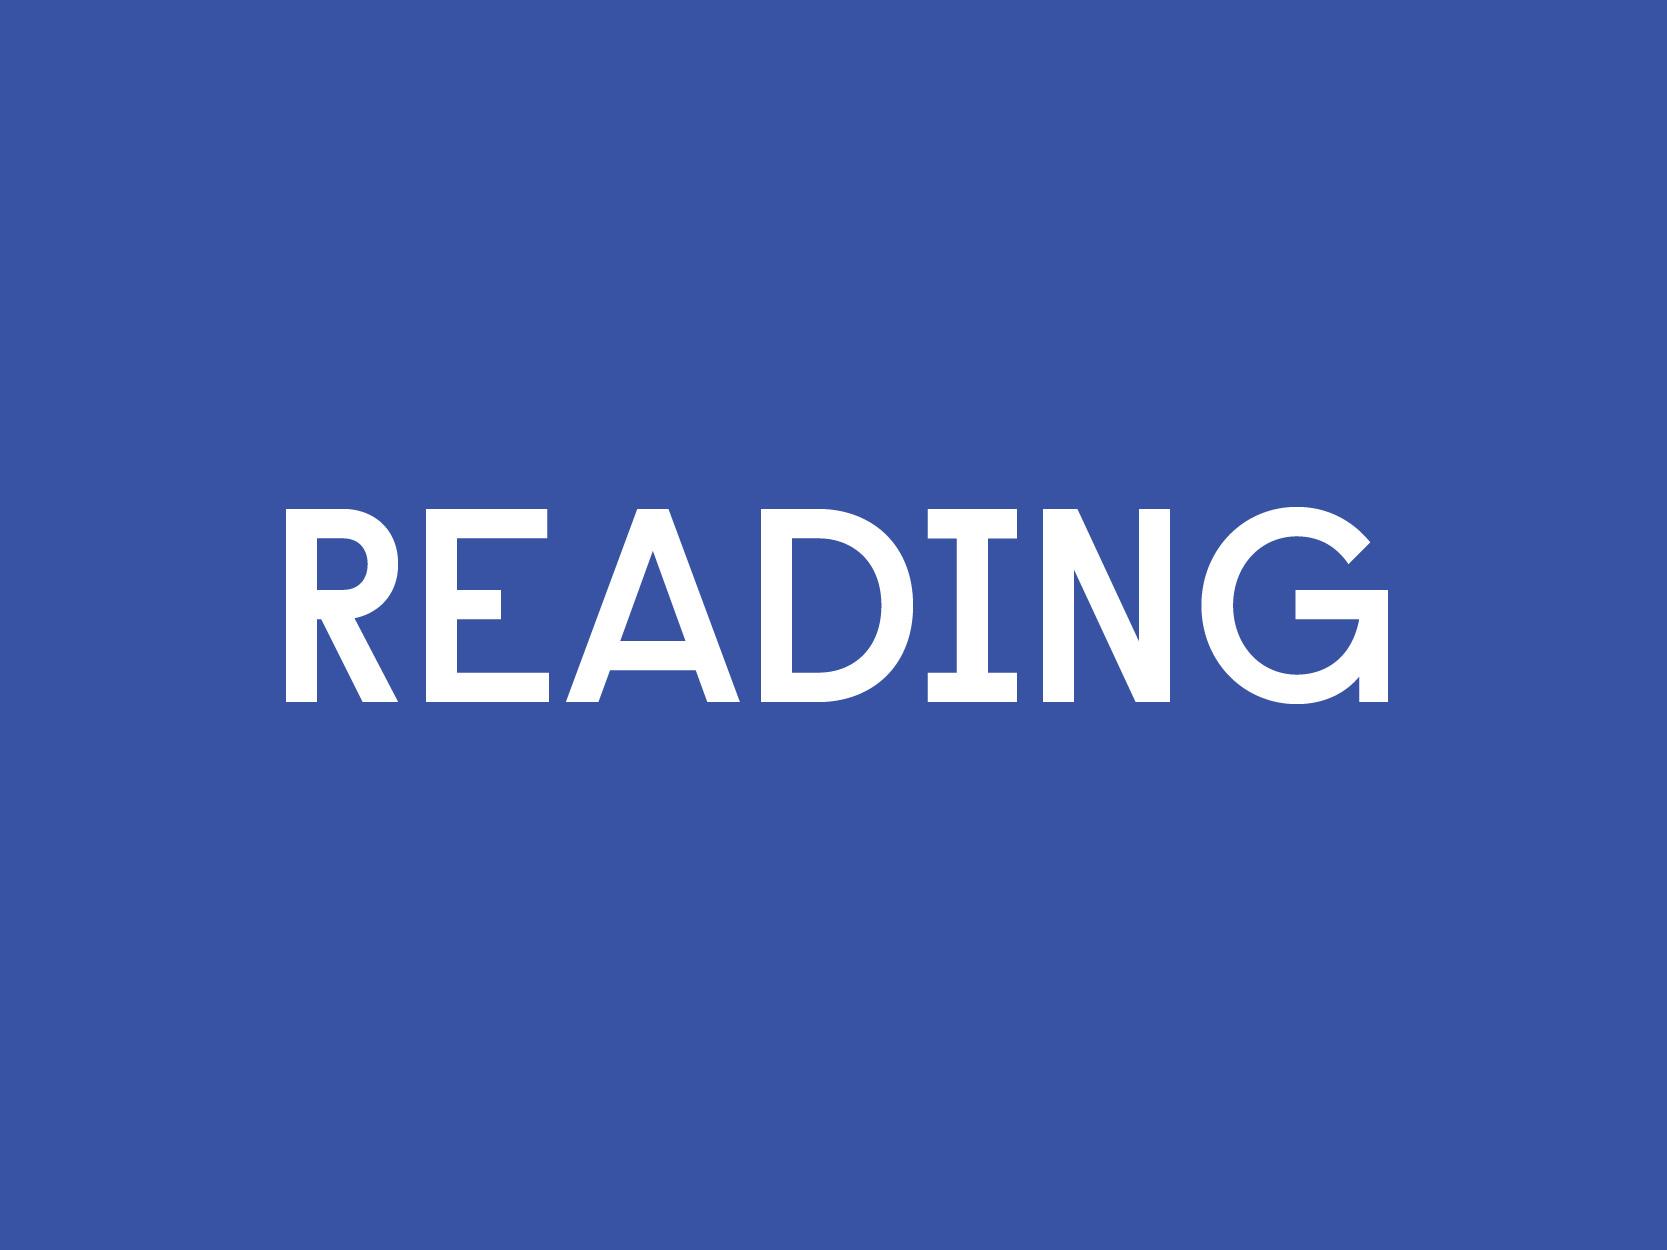 izi1_reading